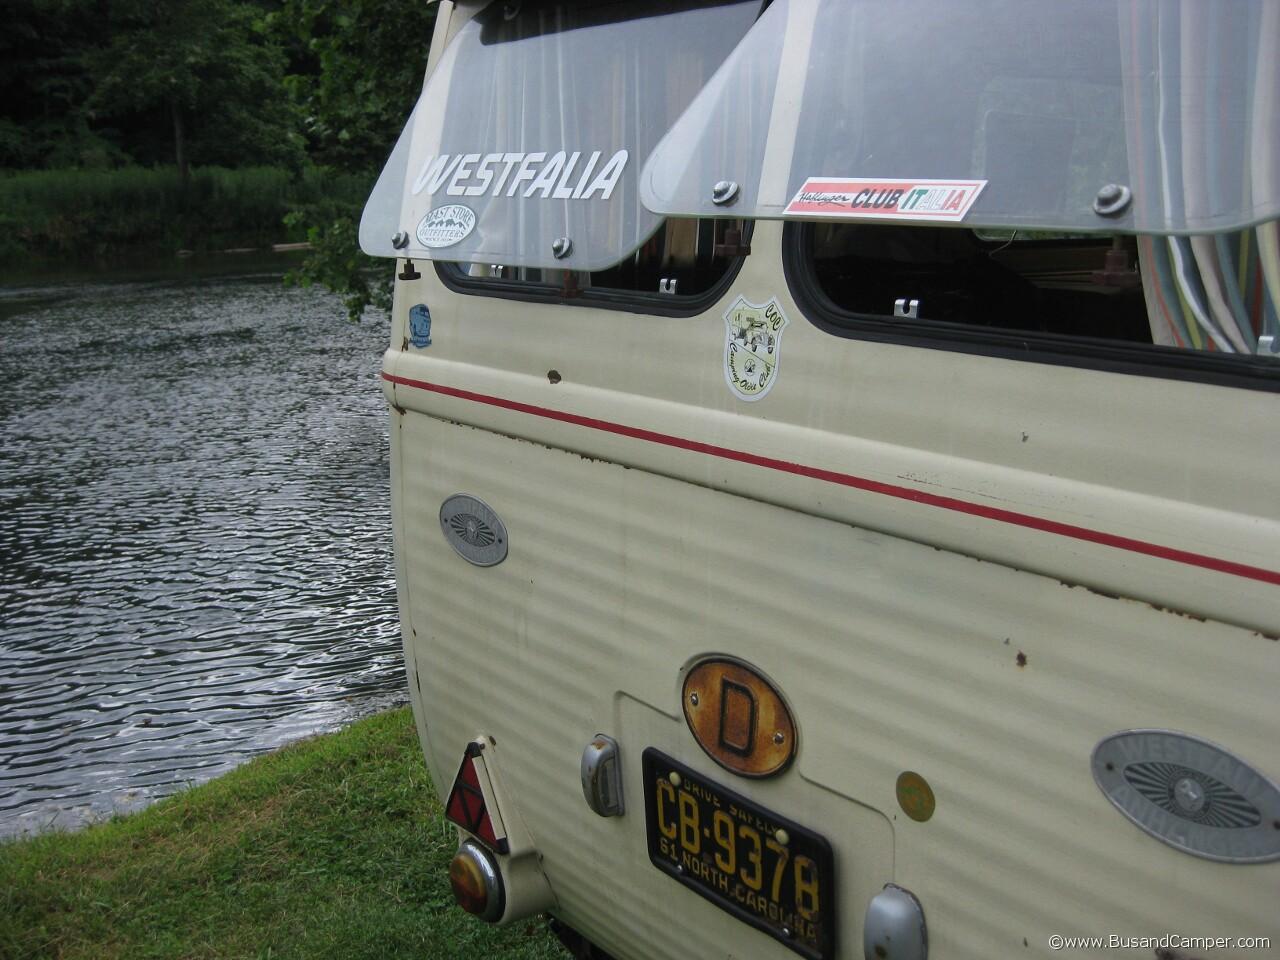 Westfalia caravan 41